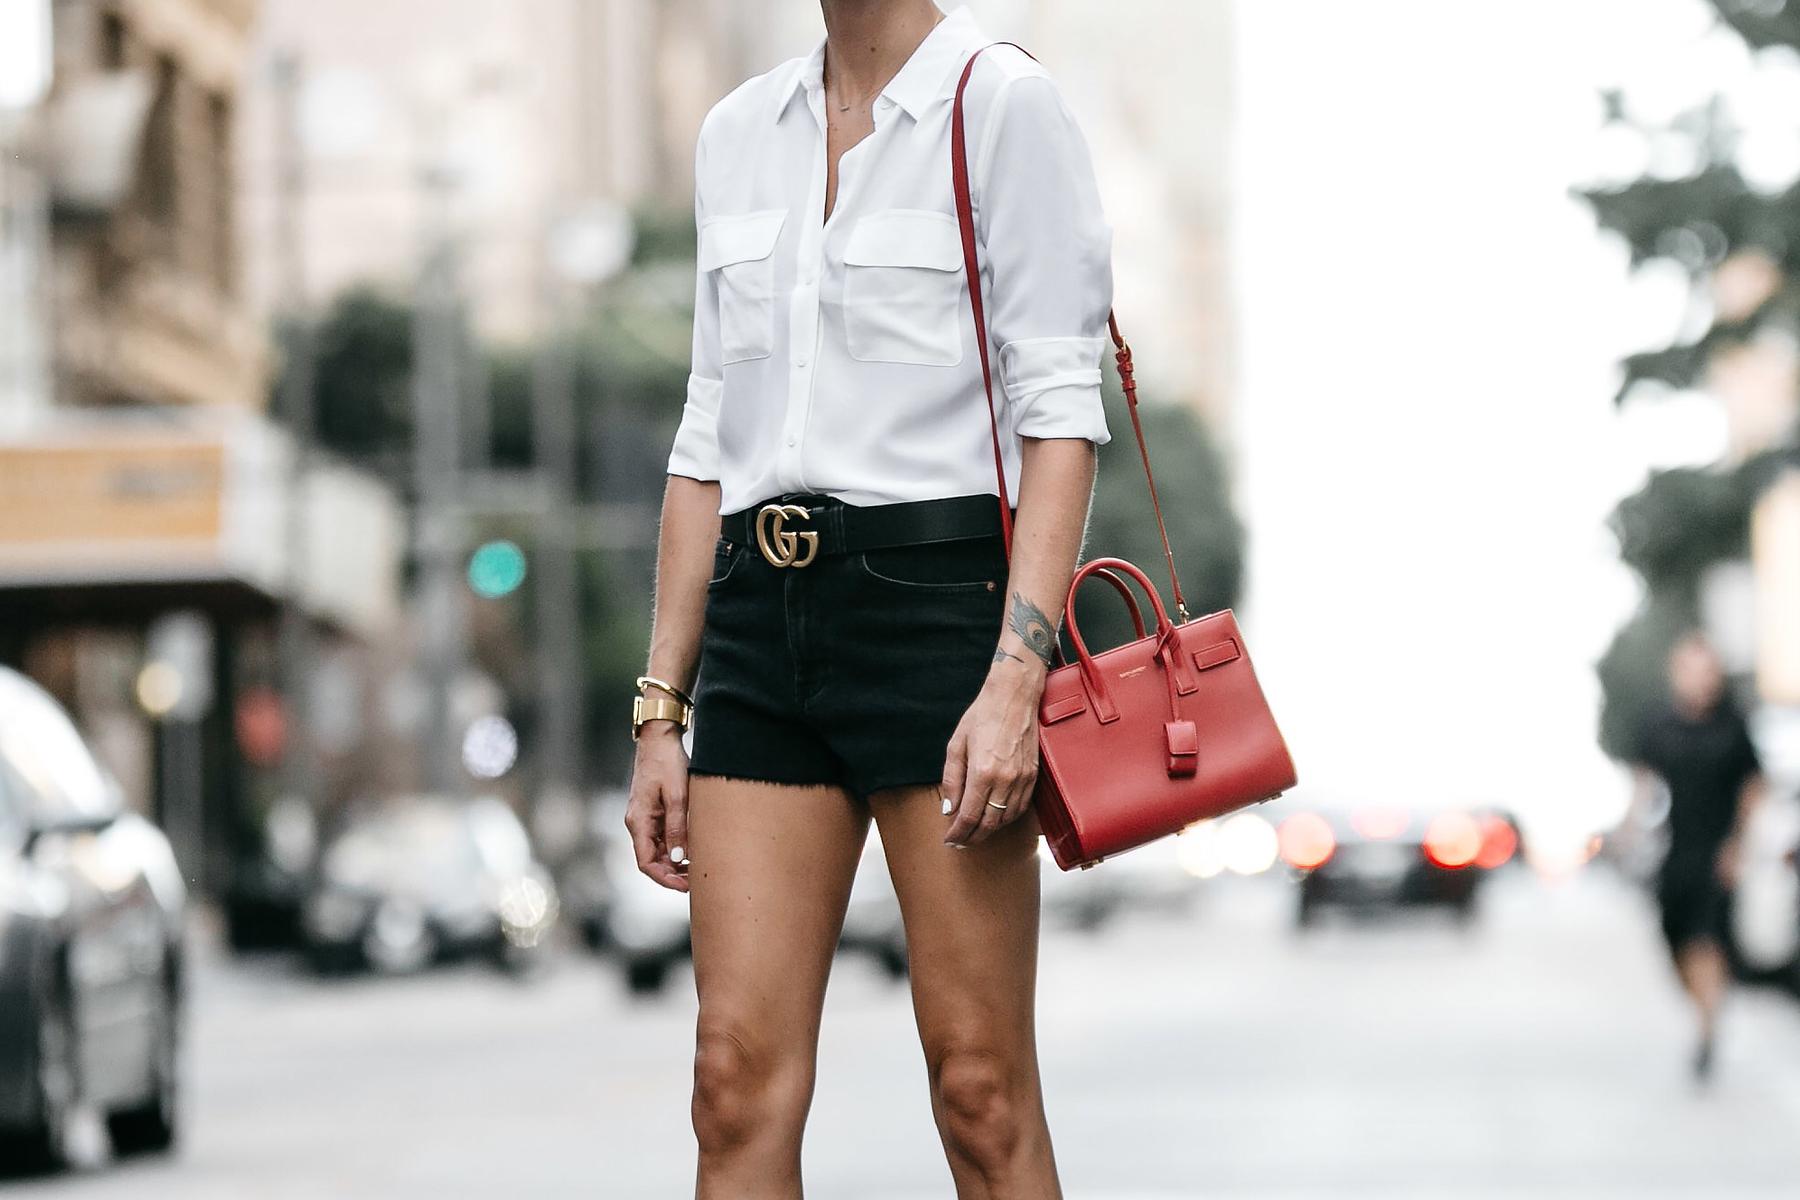 White Button Down Shirt Black Denim Shorts Outfit Saint Laurent Sac De Jour Red Handbag Gucci Marmont Belt Fashion Jackson Dallas Blogger Fashion Blogger Street Style